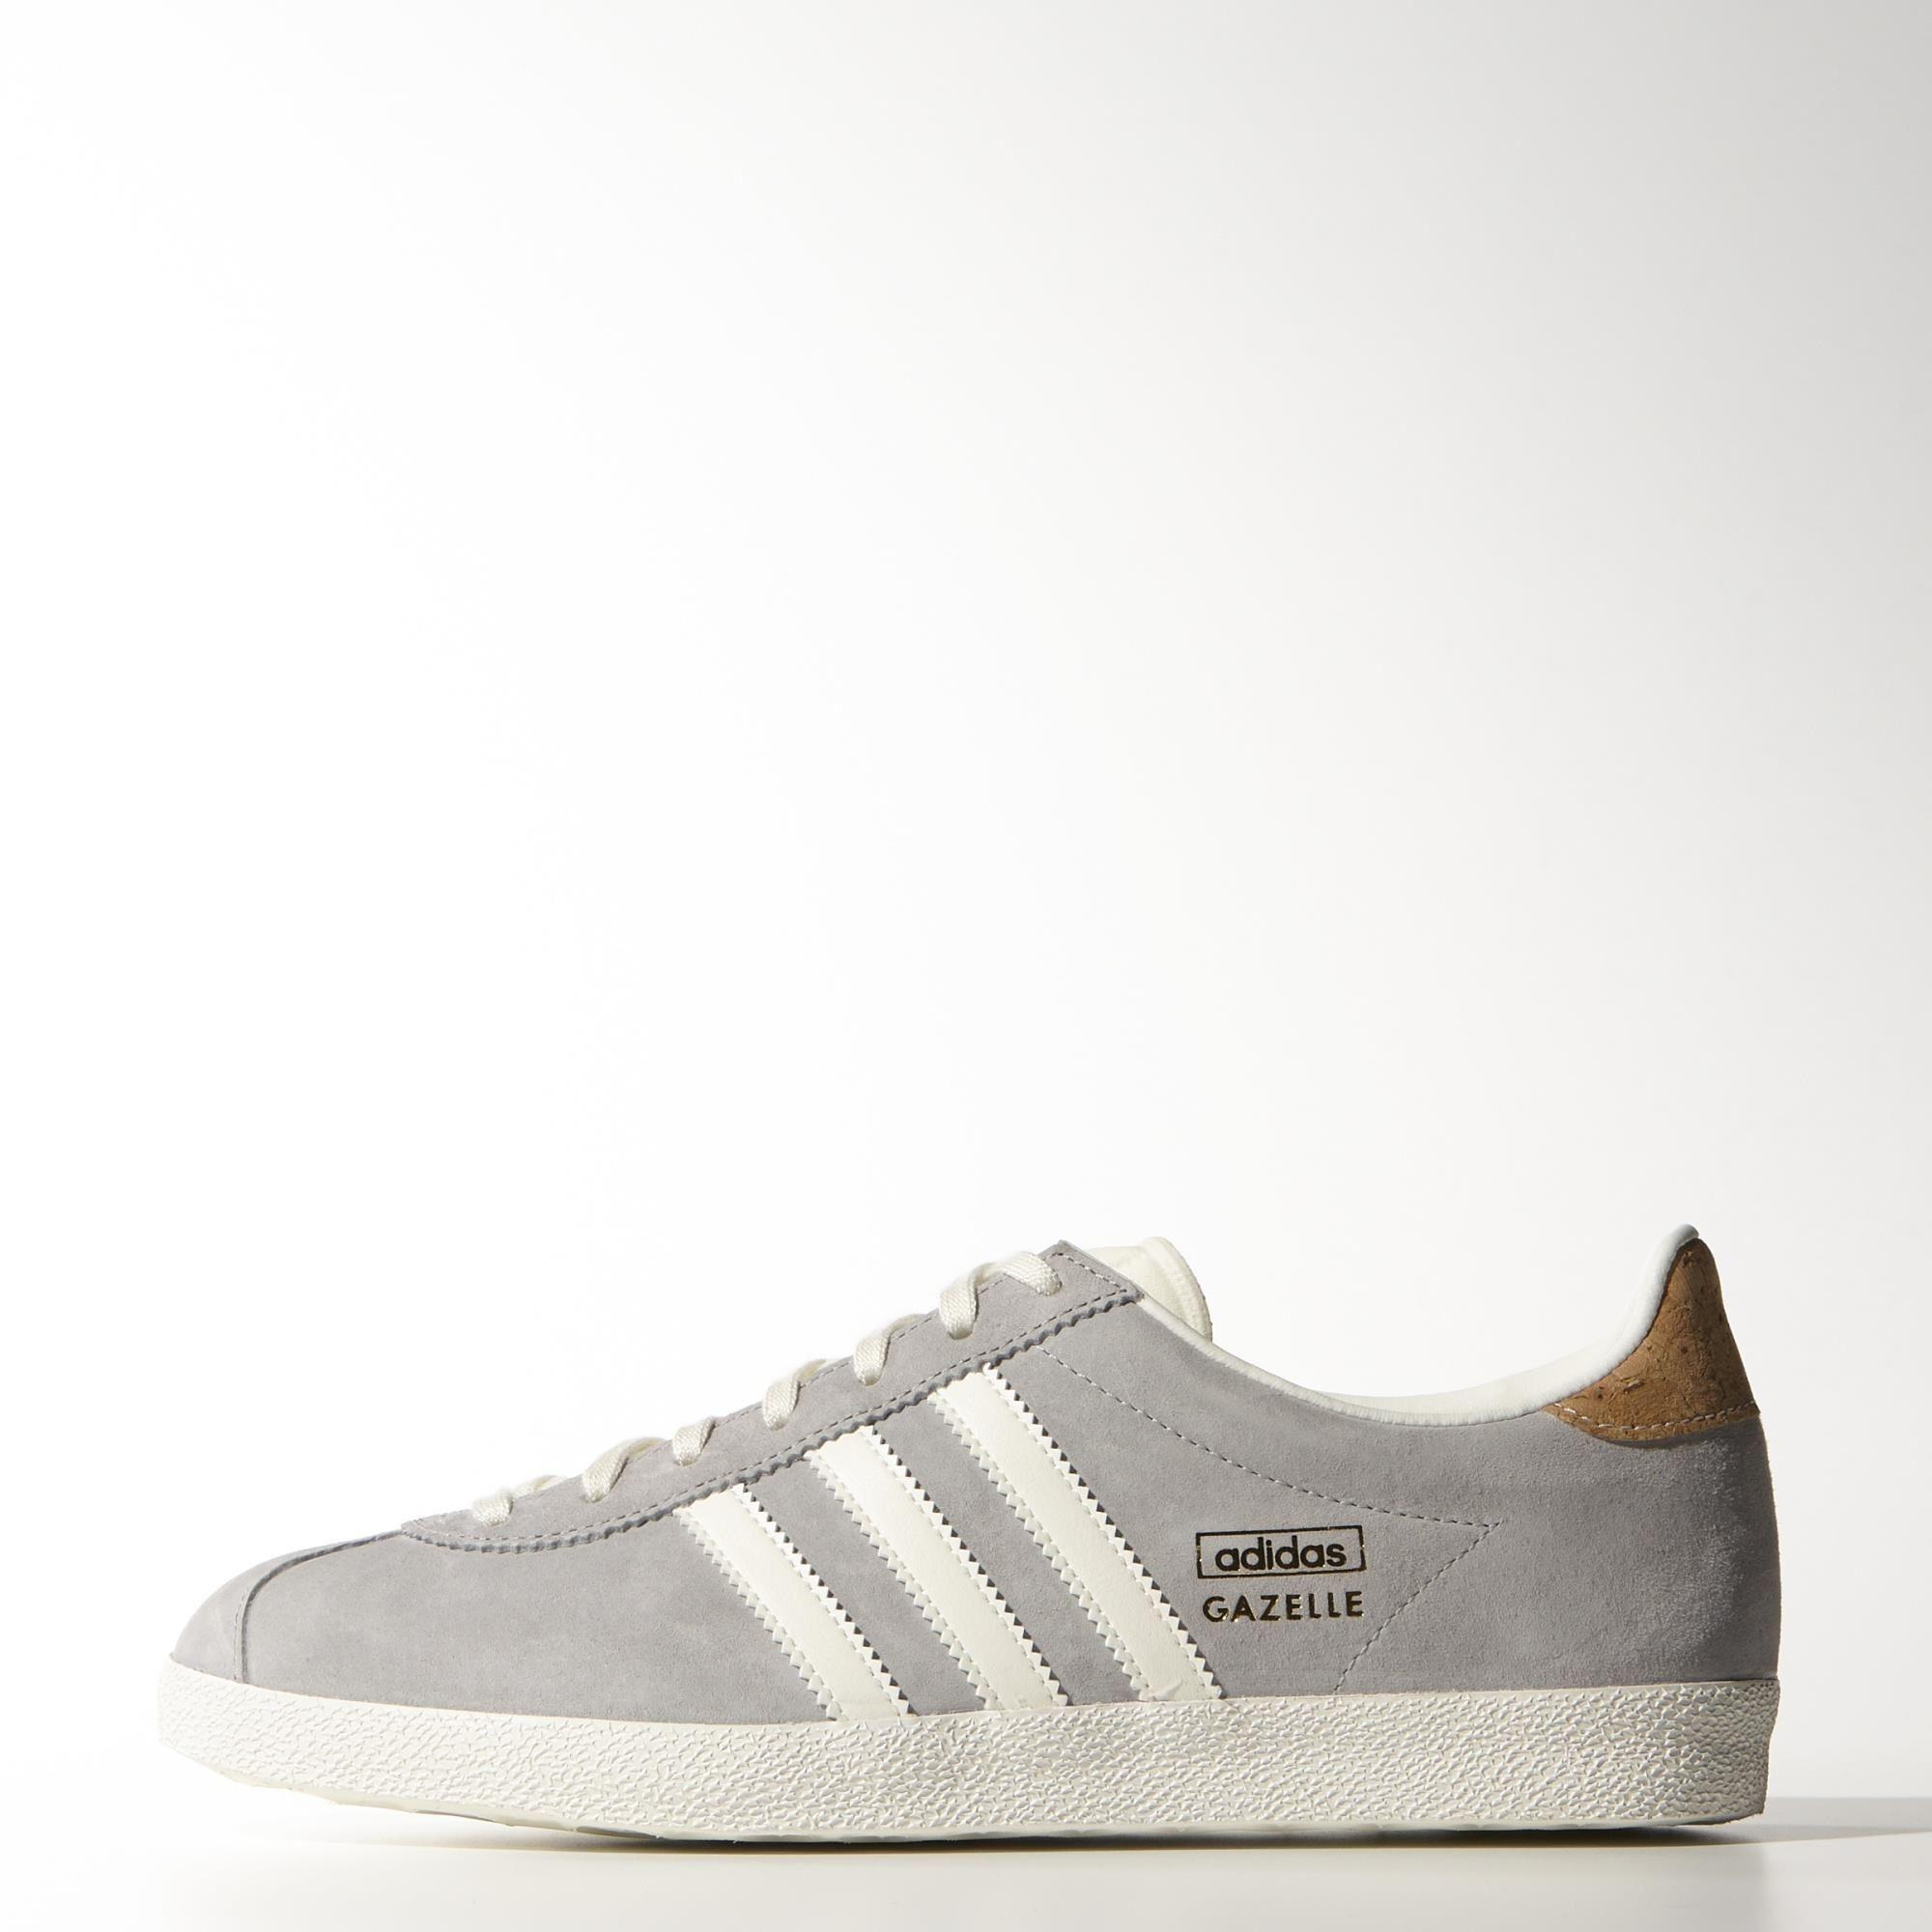 adidas gazelle og shoes grey white